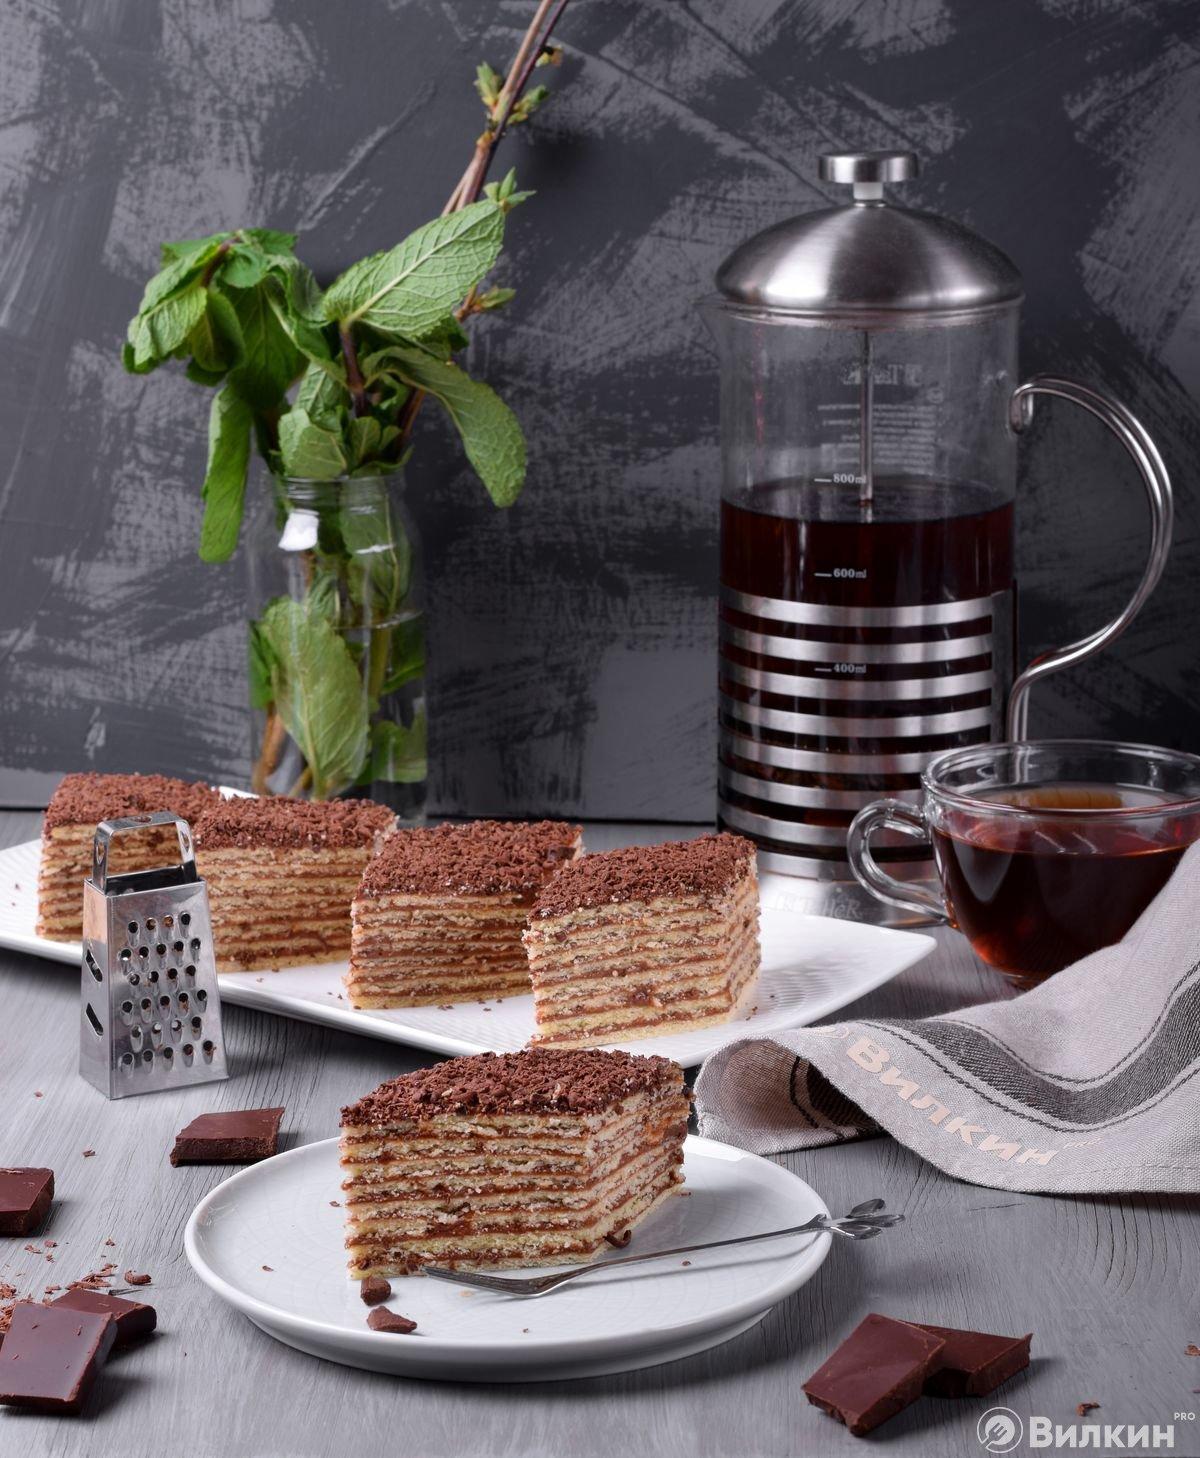 Армянский торт «Микадо» в домашних условиях